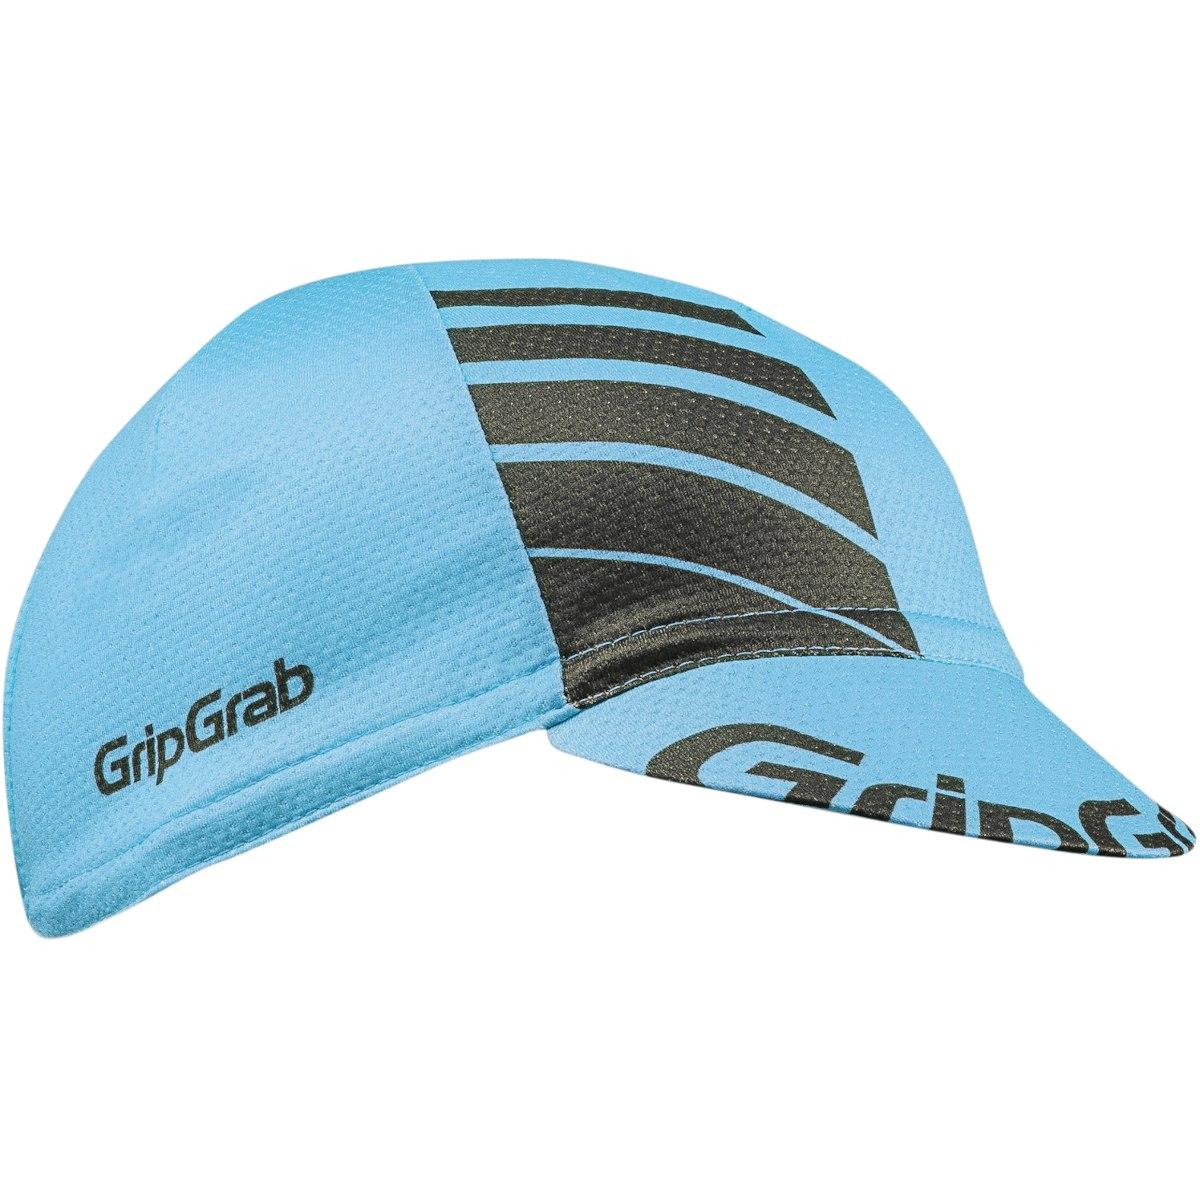 GripGrab Lightweight Summer Cycling Cap - Blue